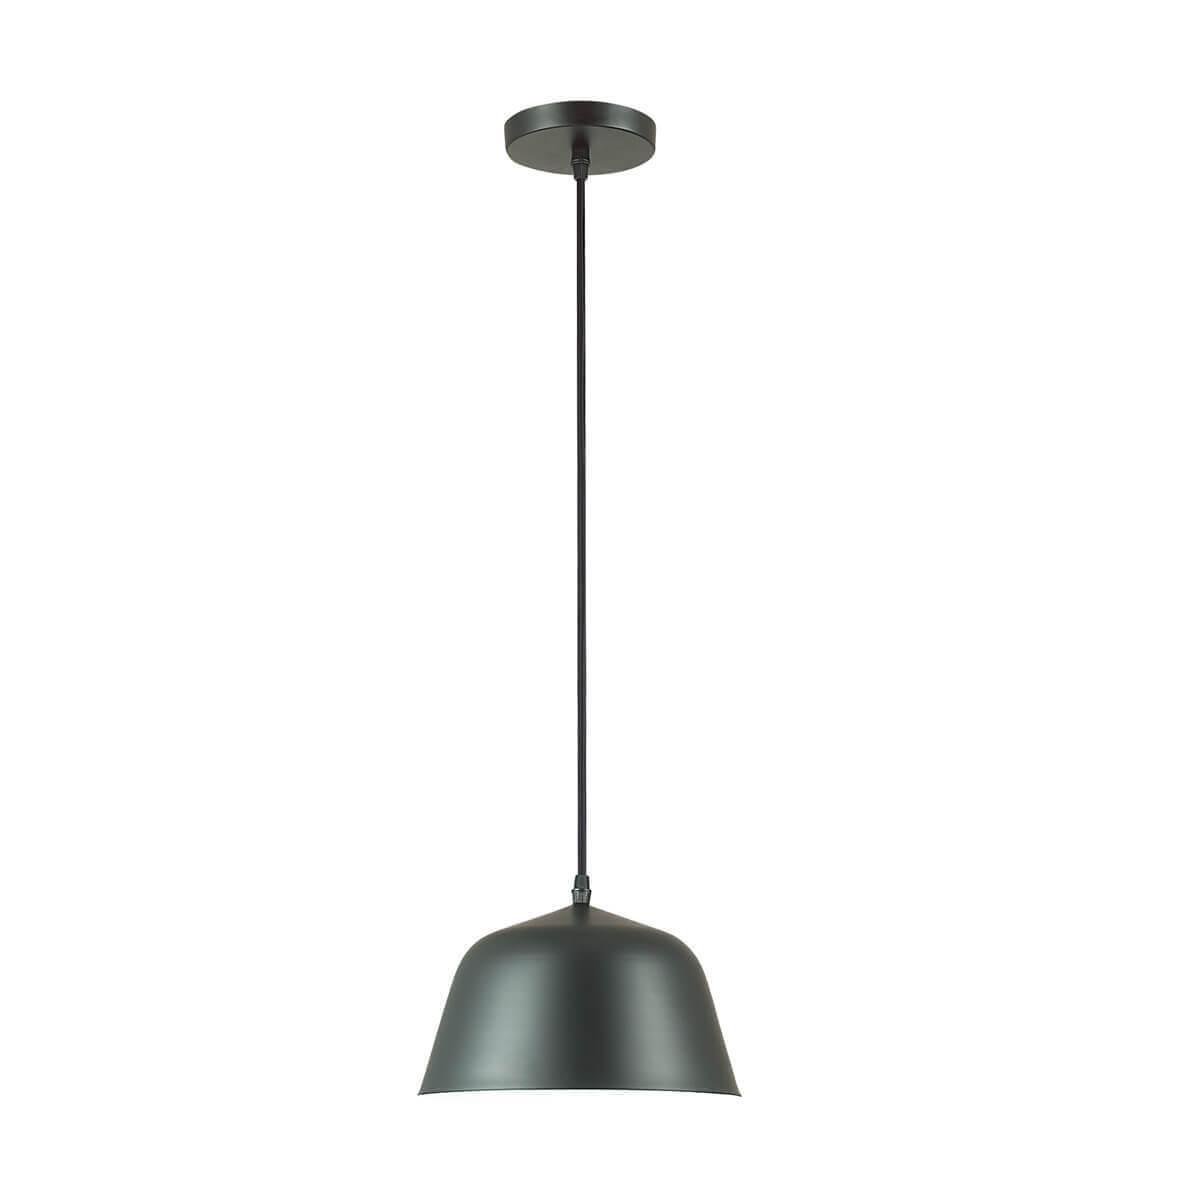 Подвесной светильник Lumion Gwen 3680/1 lumion подвесной светильник lumion gwen 3681 1